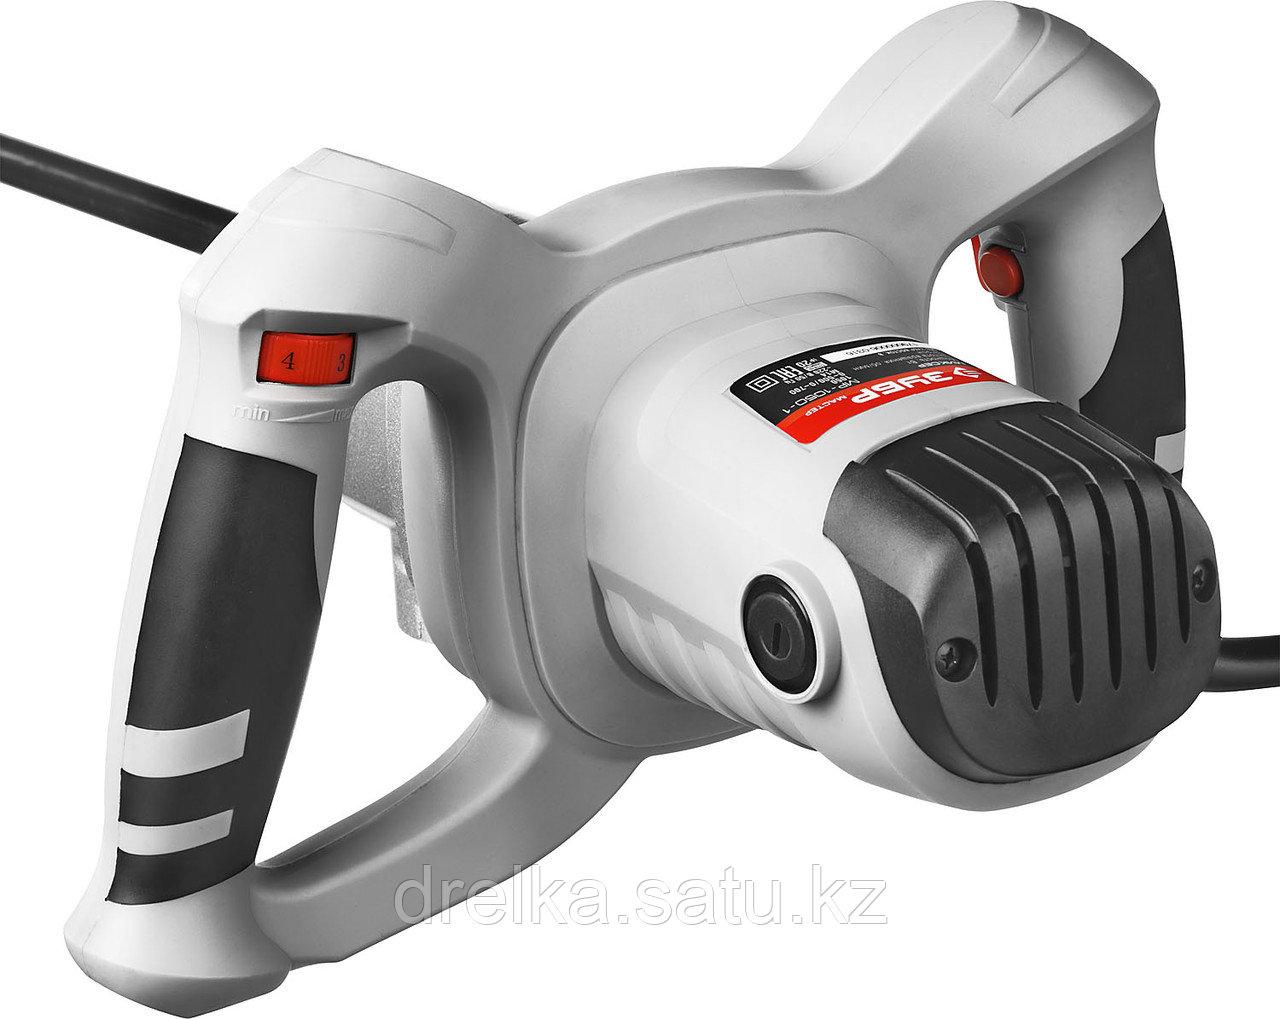 Строительный миксер ЗУБР МР-1050-1, МАСТЕР, одинарный, универсальный вверх/вниз, 1050 Вт, 2 скорости - фото 3